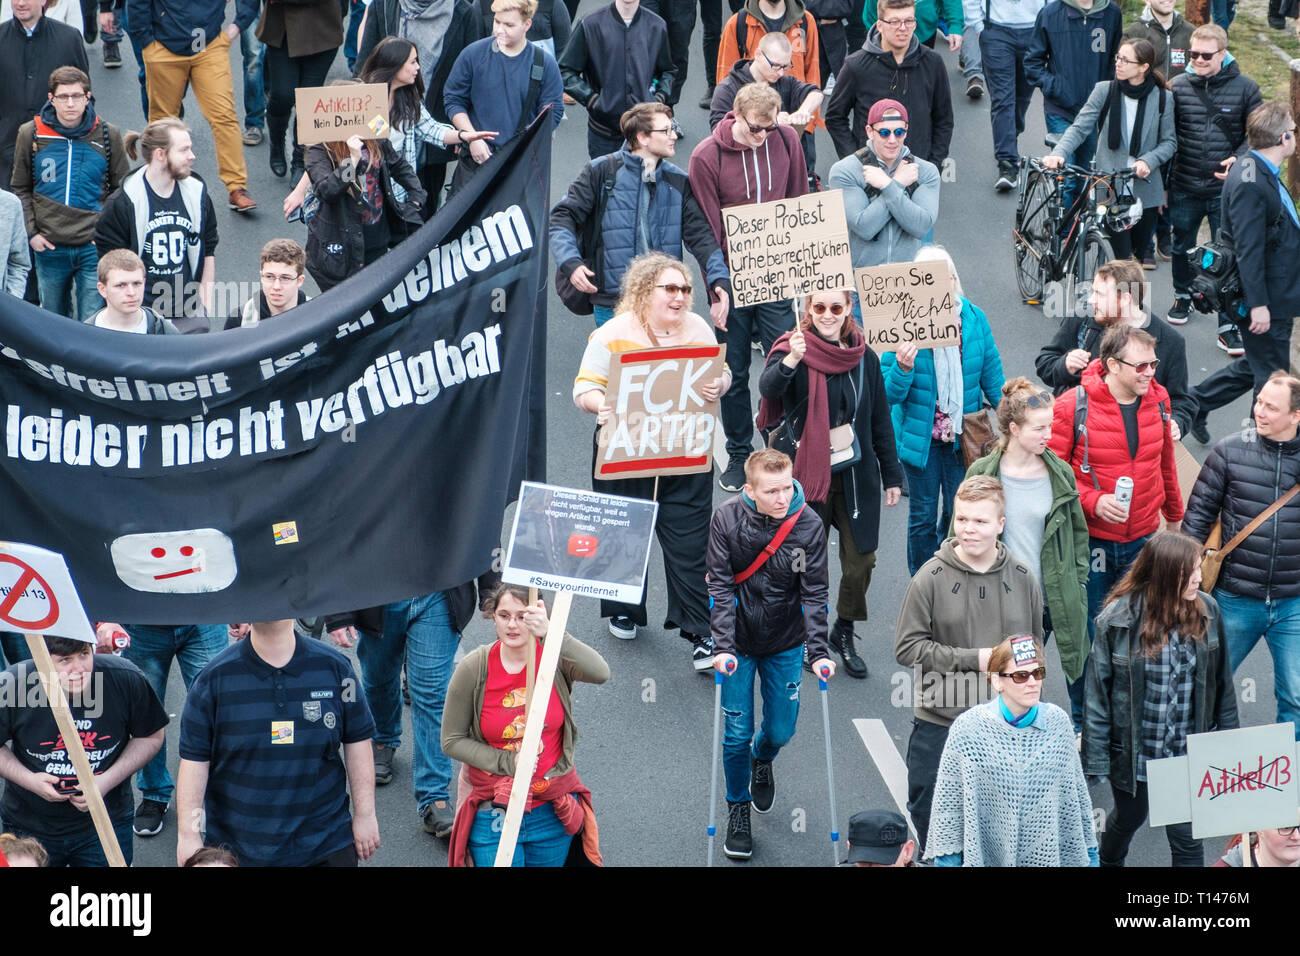 Berlin, Alemania - 23 de marzo de 2019: Manifestación contra la UE copyright / reforma el artículo 11 y el artículo 13 en Berlín, Alemania. Foto de stock